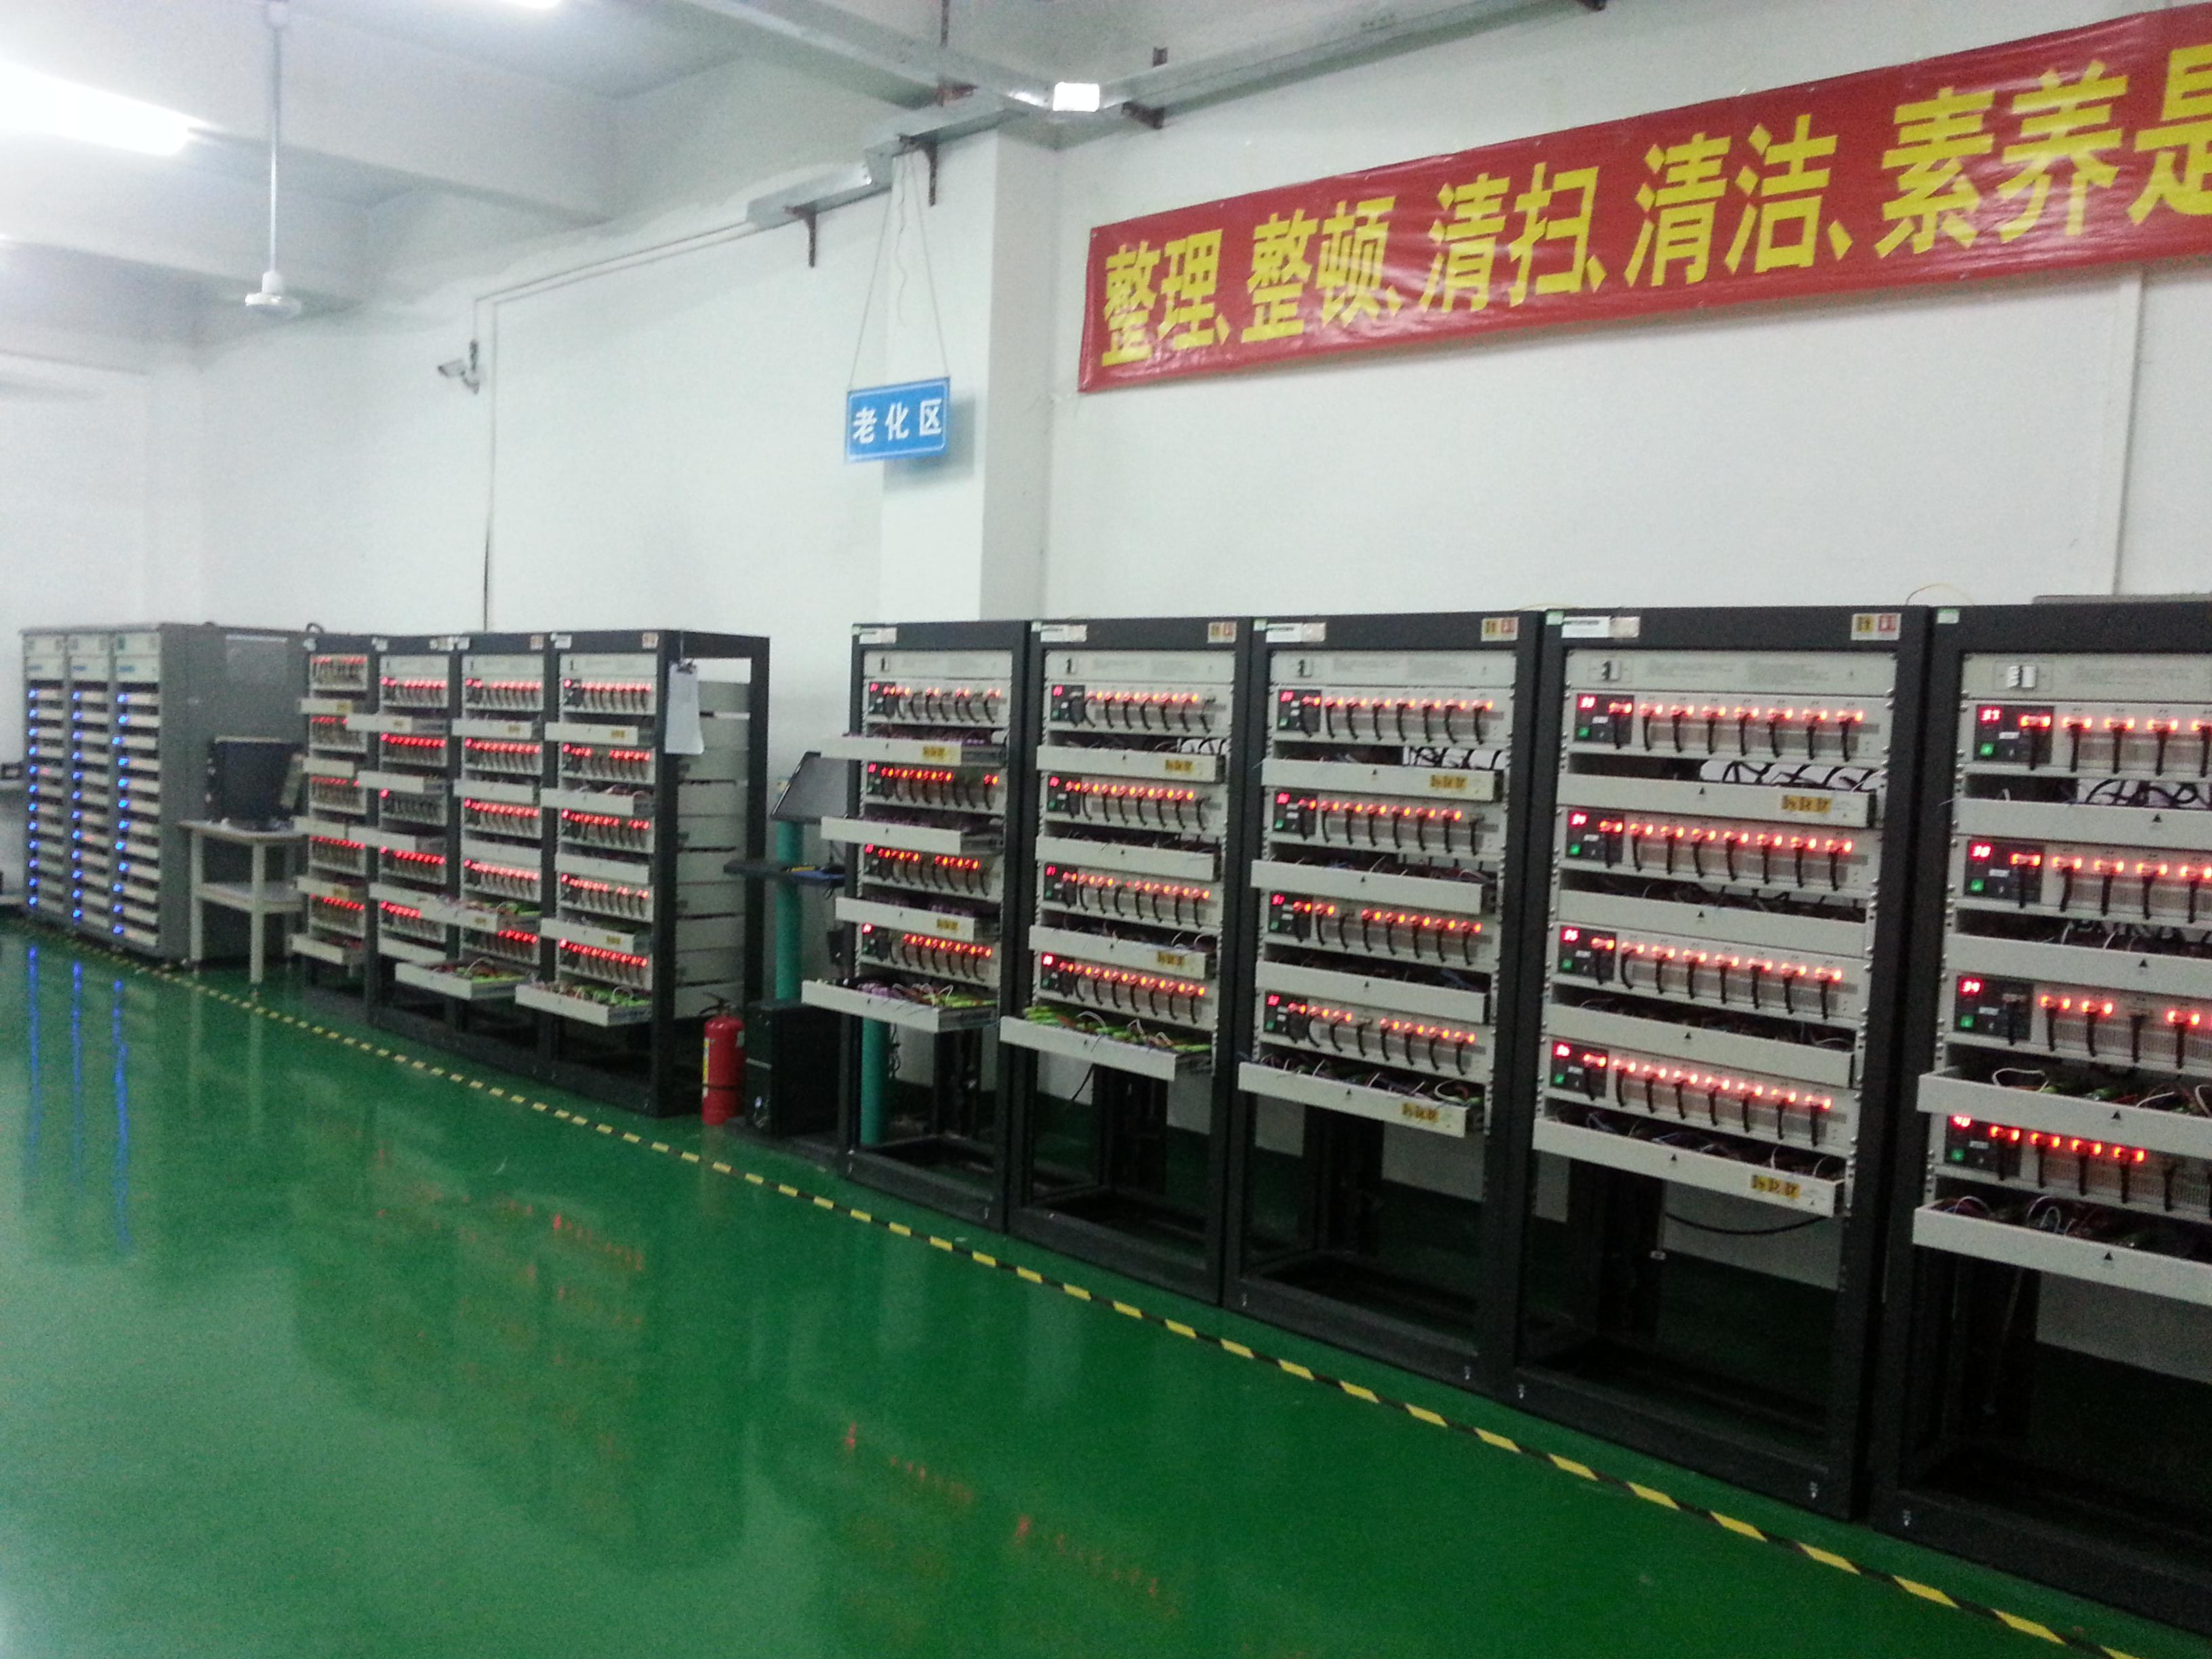 锂电设备行业仍处上升周期 三元技术路线将成主导